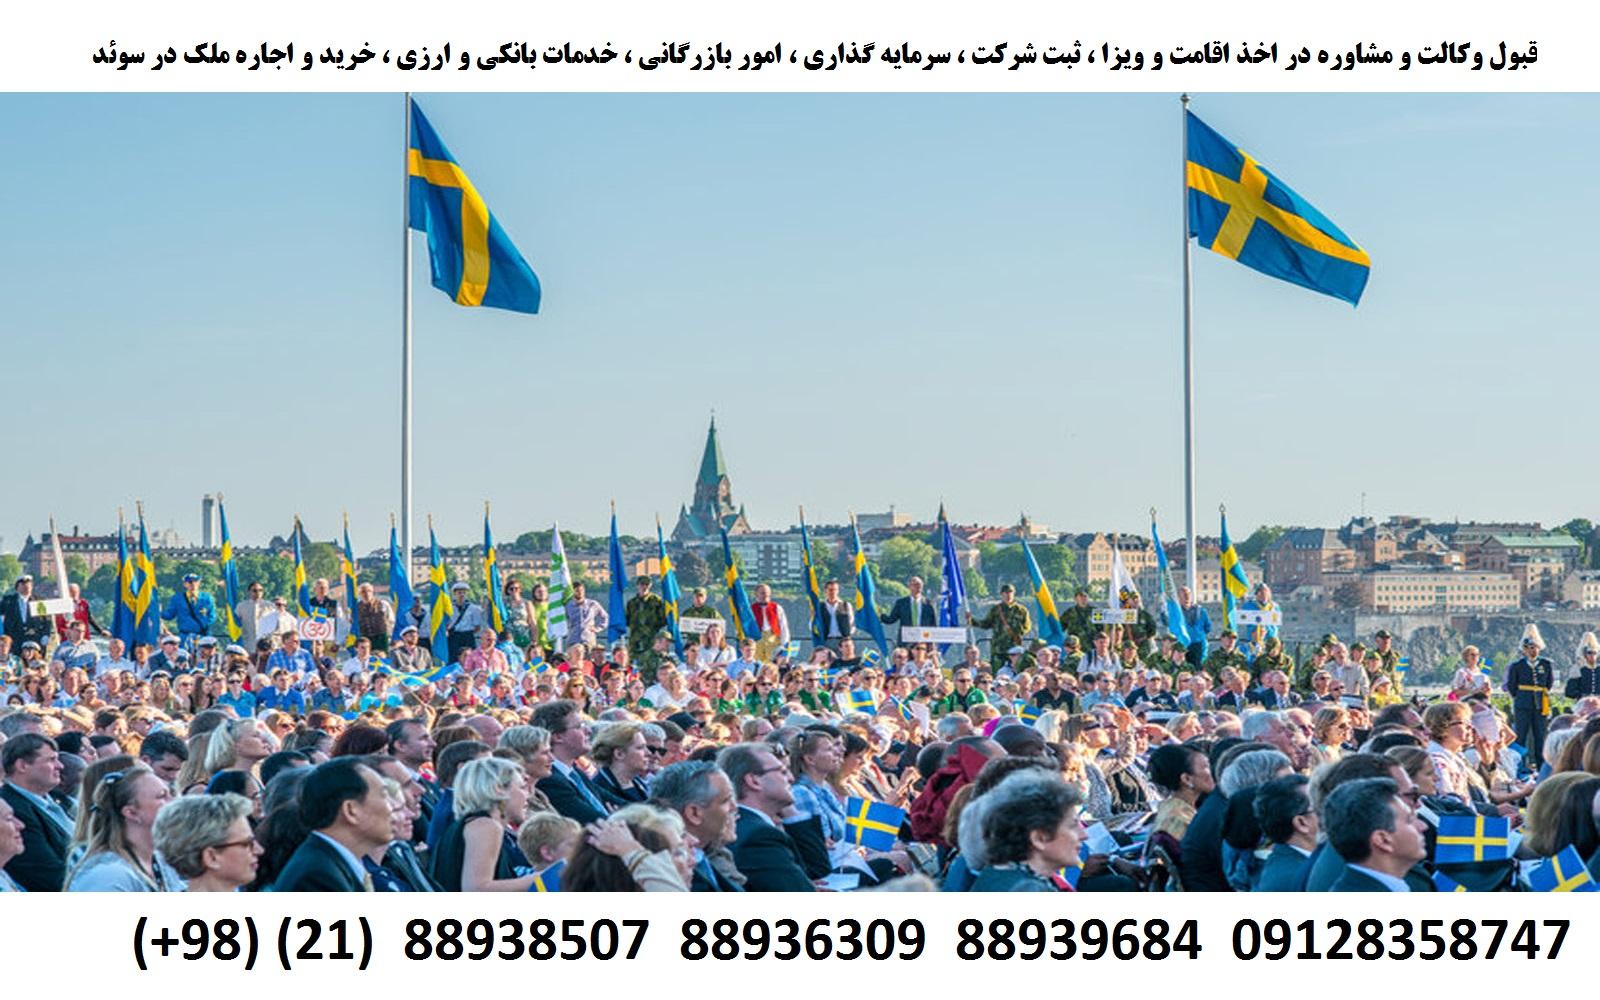 اقامت ، ویزا ، ثبت شرکت ، سرمایه گذاری در کشور سوئد (5)